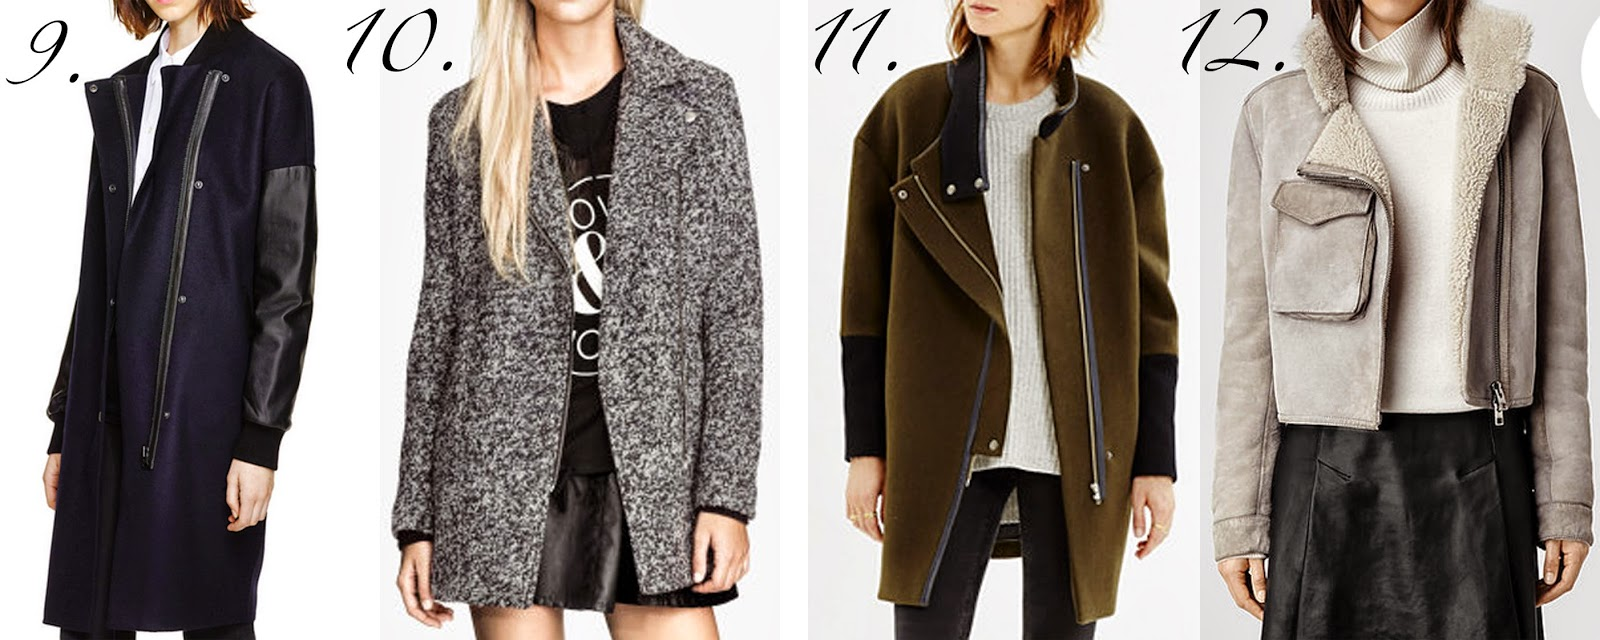 coats3.jpg